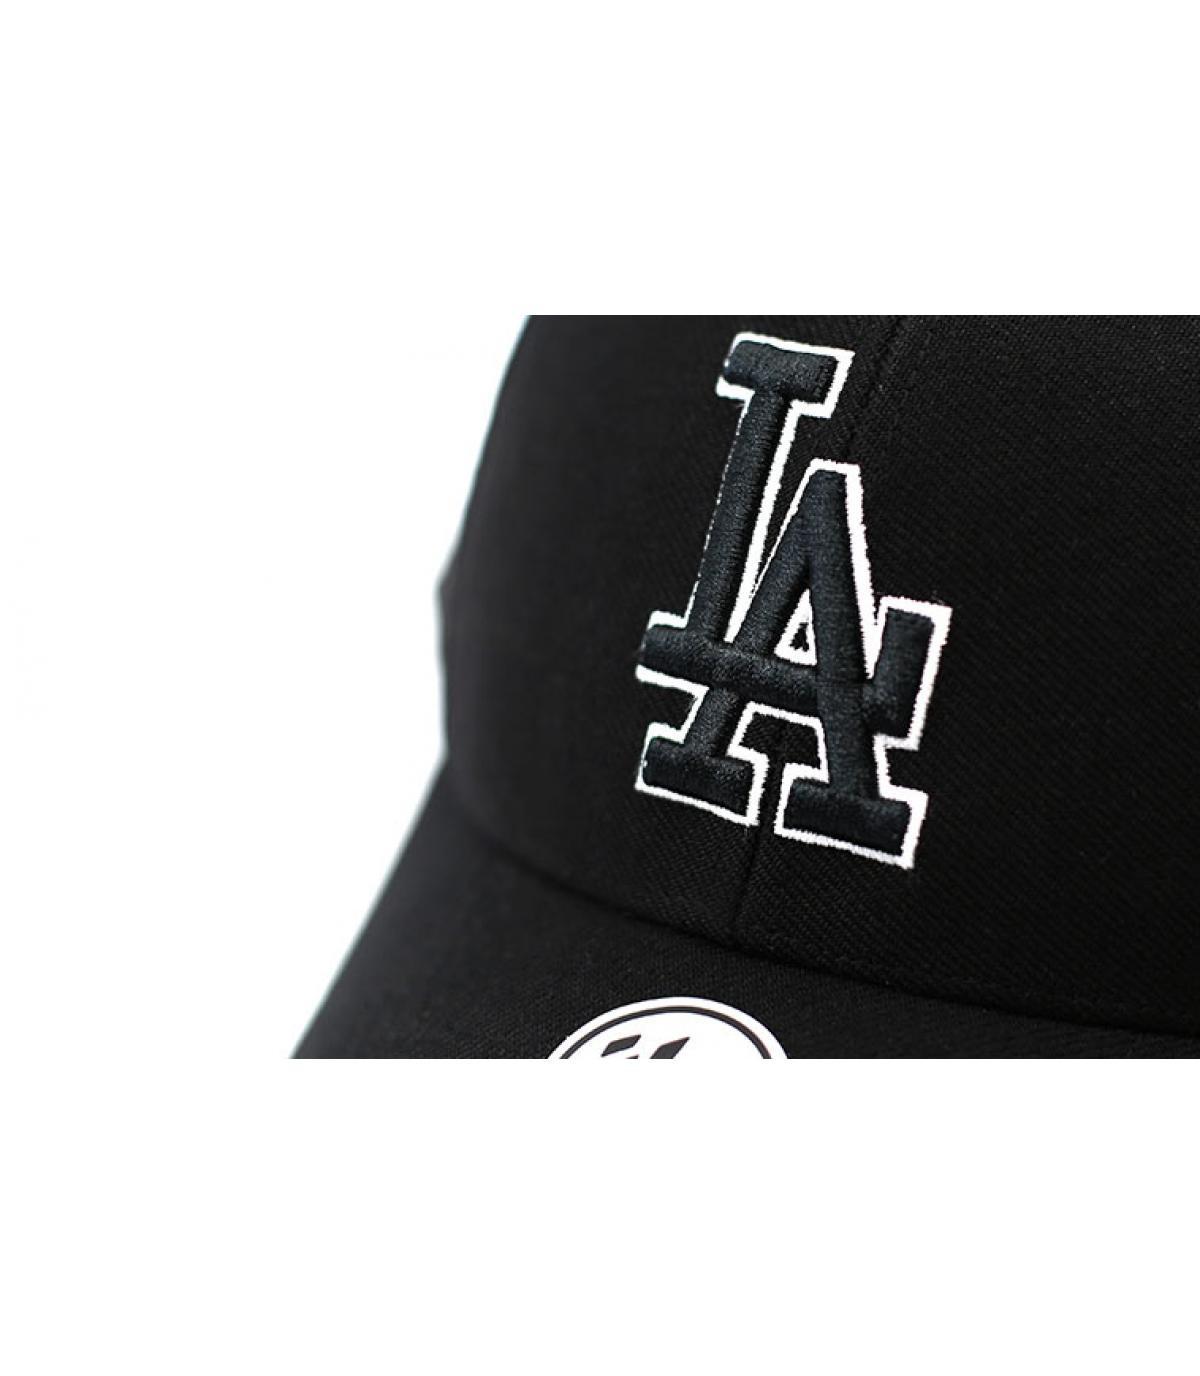 Détails MVP LA Snapback black white - image 3